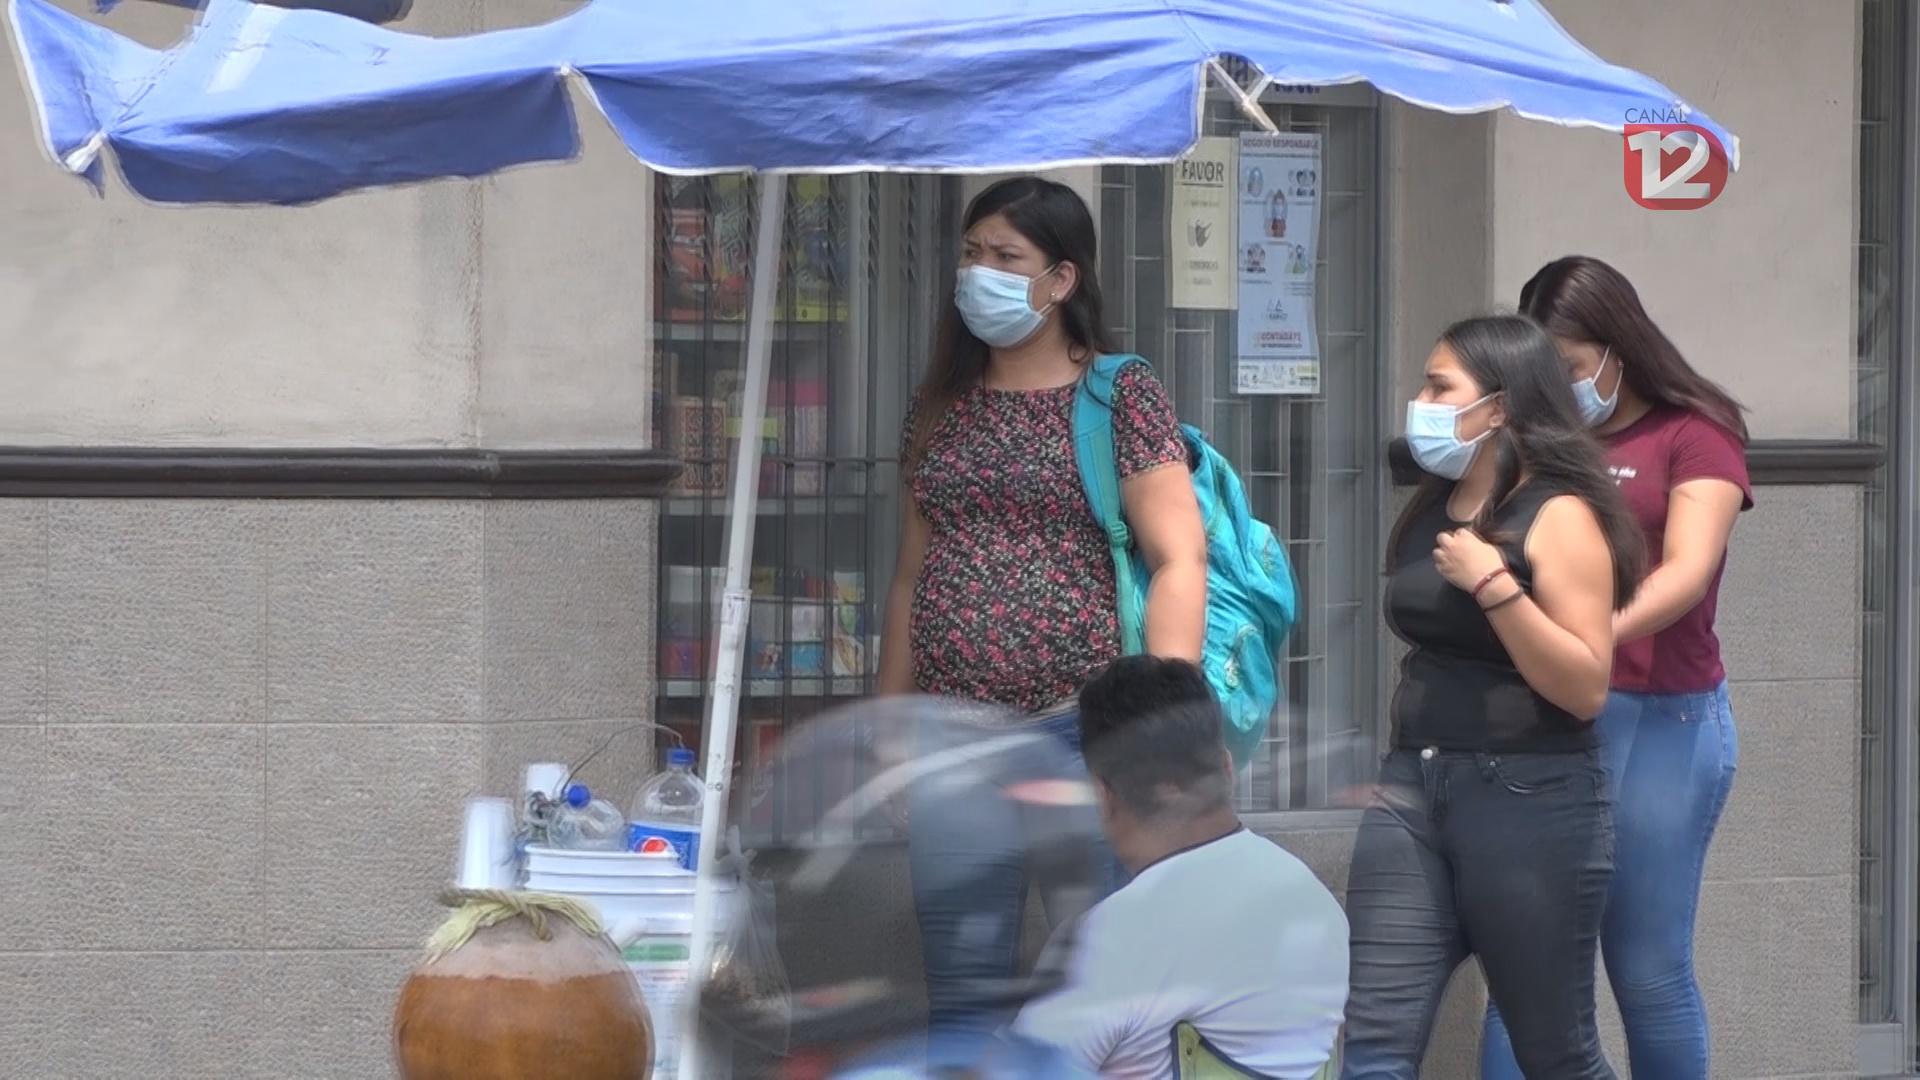 111 personas han presentado reacciones a la vacuna contra el sars-cov-2